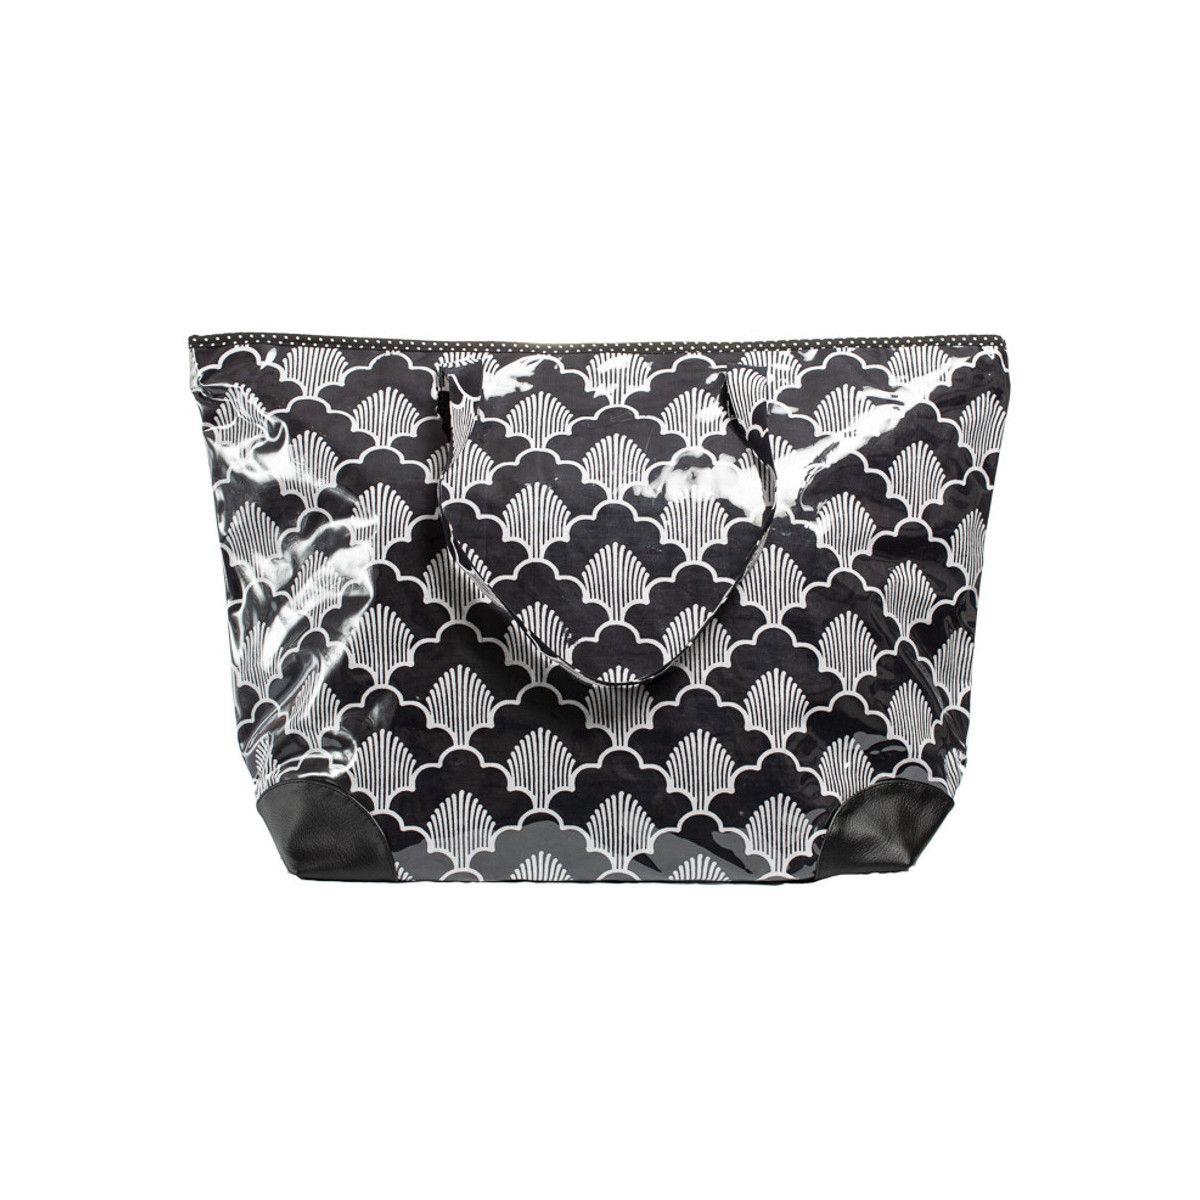 Grand sac cabas étanche tissu noir et blanc